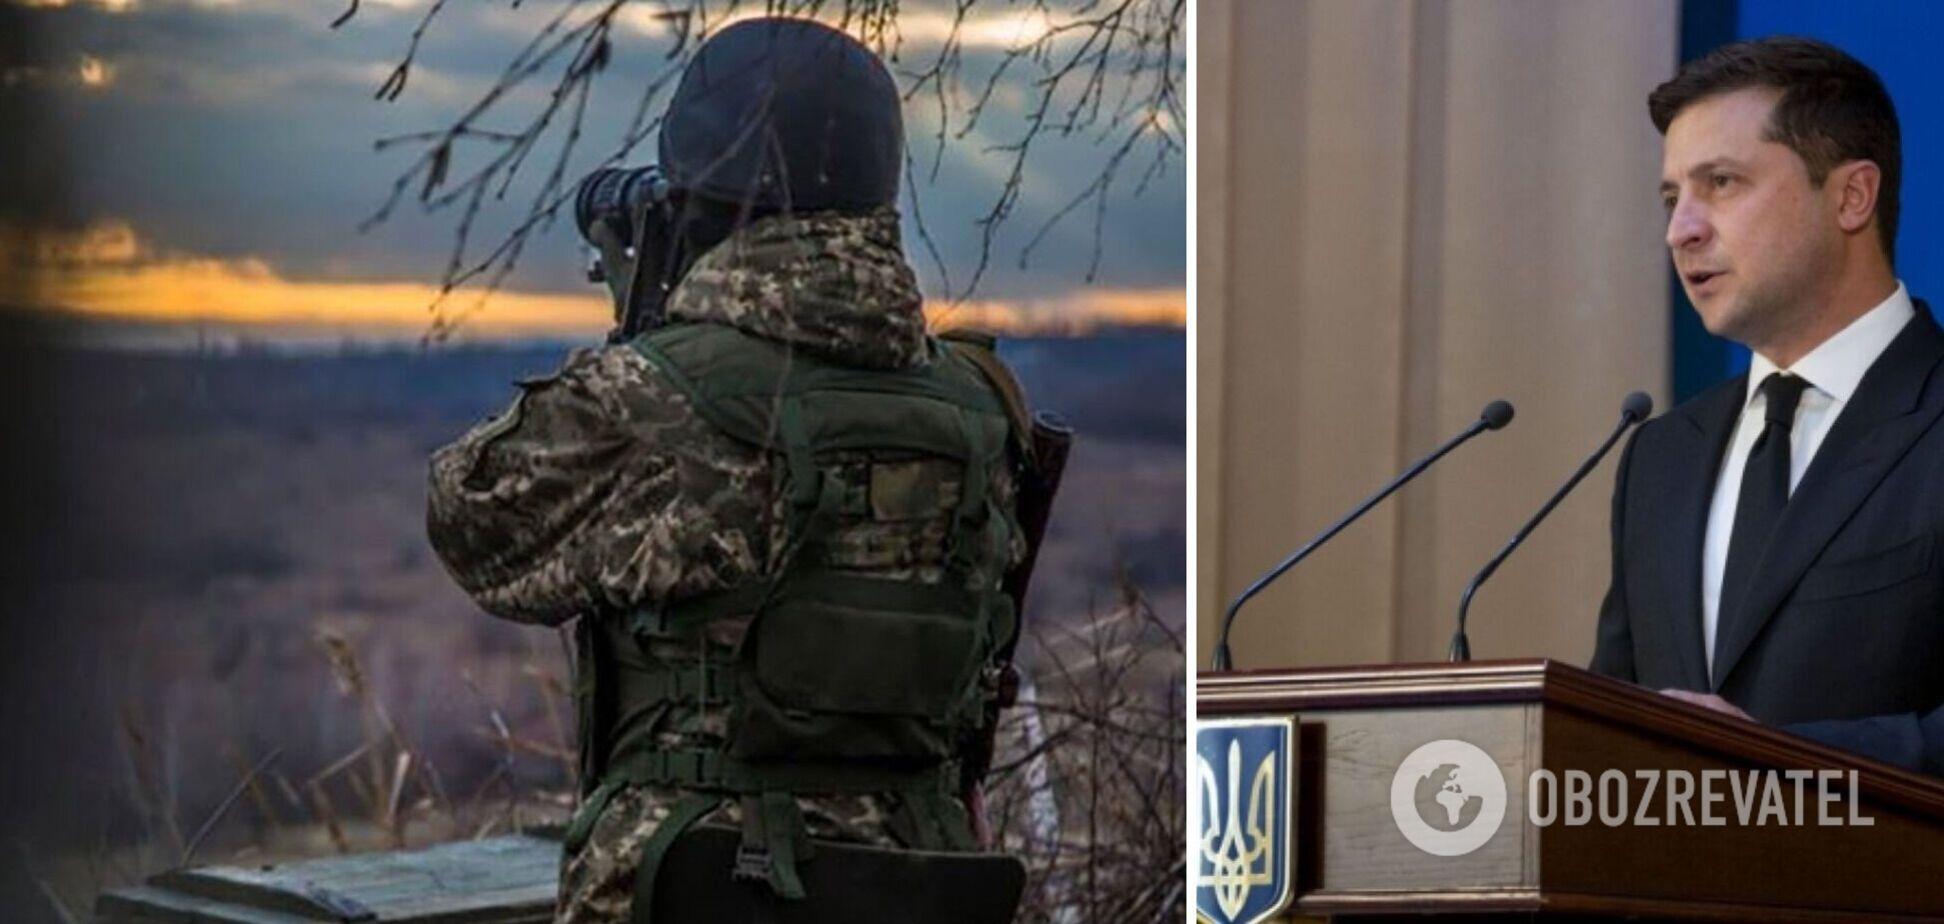 Ситуация на Донбассе сложная: Зеленский призвал военных быть готовыми к любому развитию событий